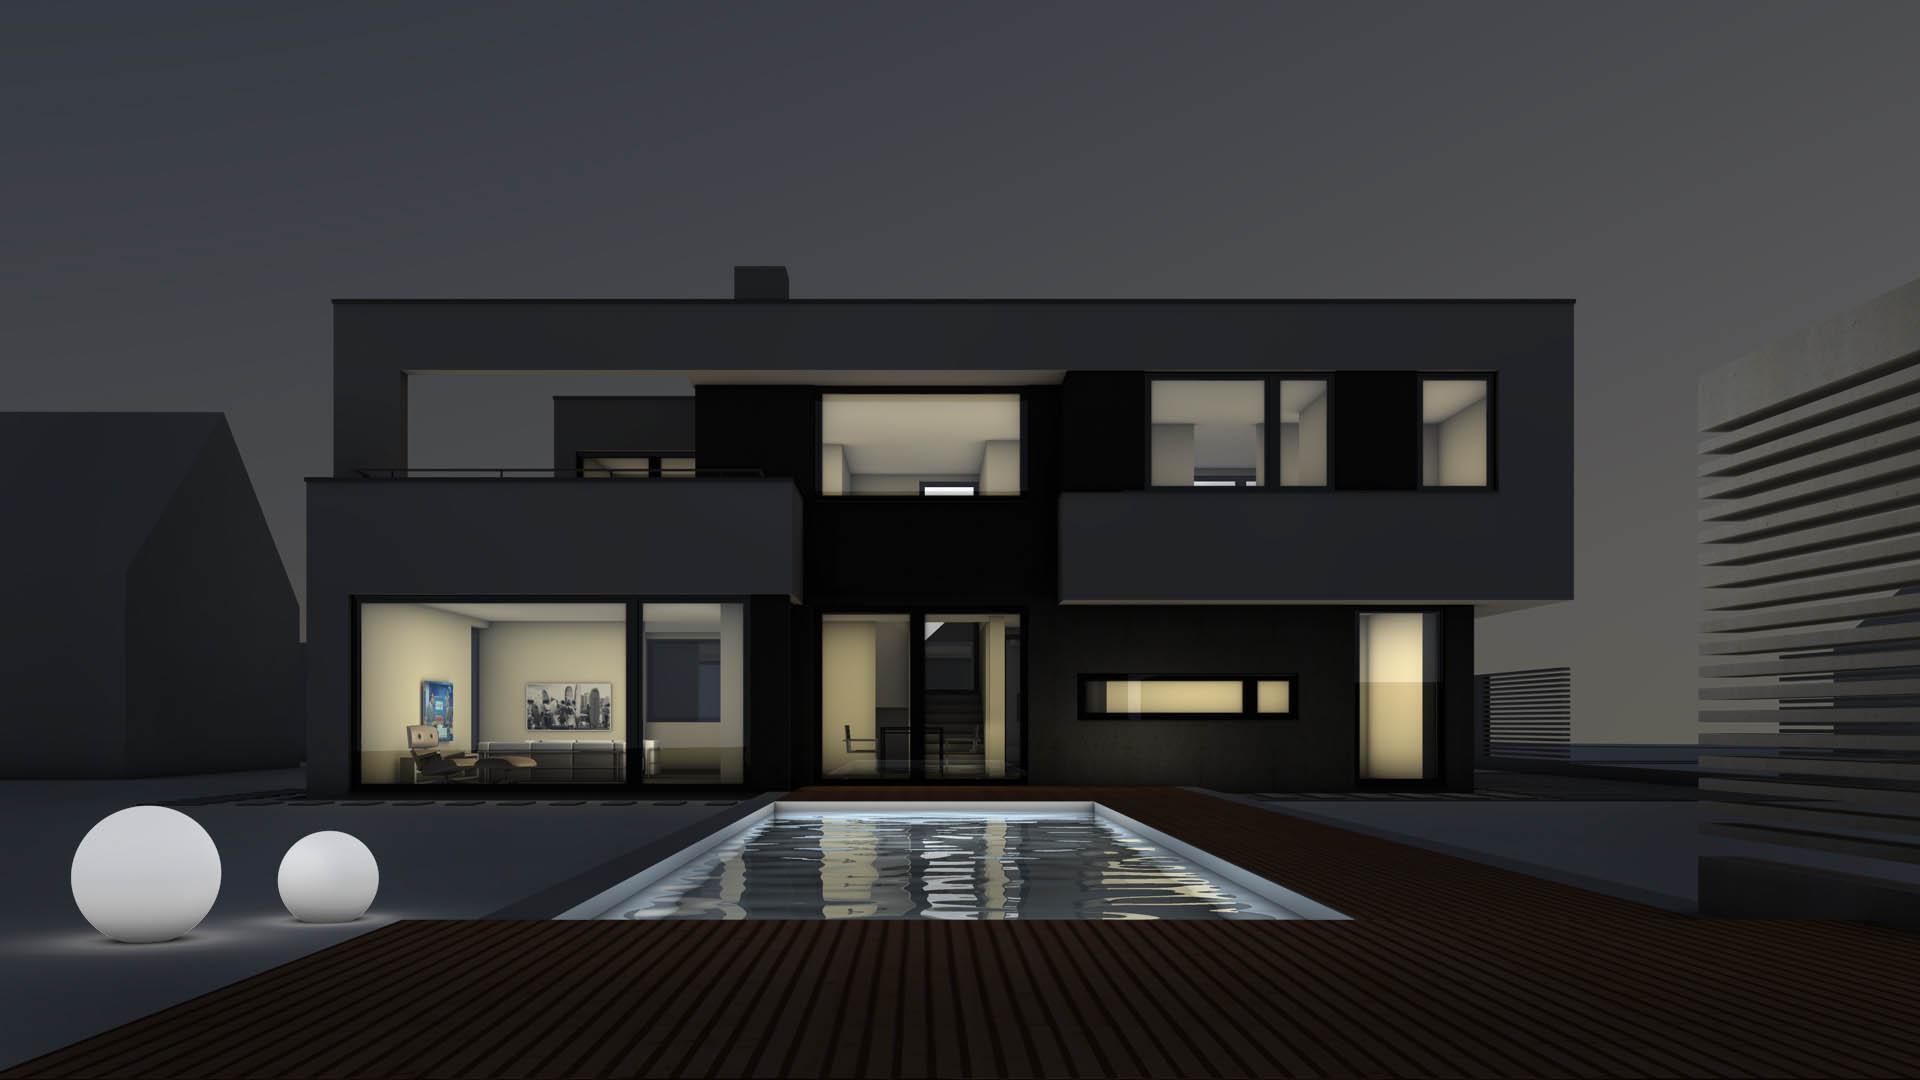 designhaus einfamilienhaus traumhaus magdeburg foto bild rendering digiart bilder auf. Black Bedroom Furniture Sets. Home Design Ideas